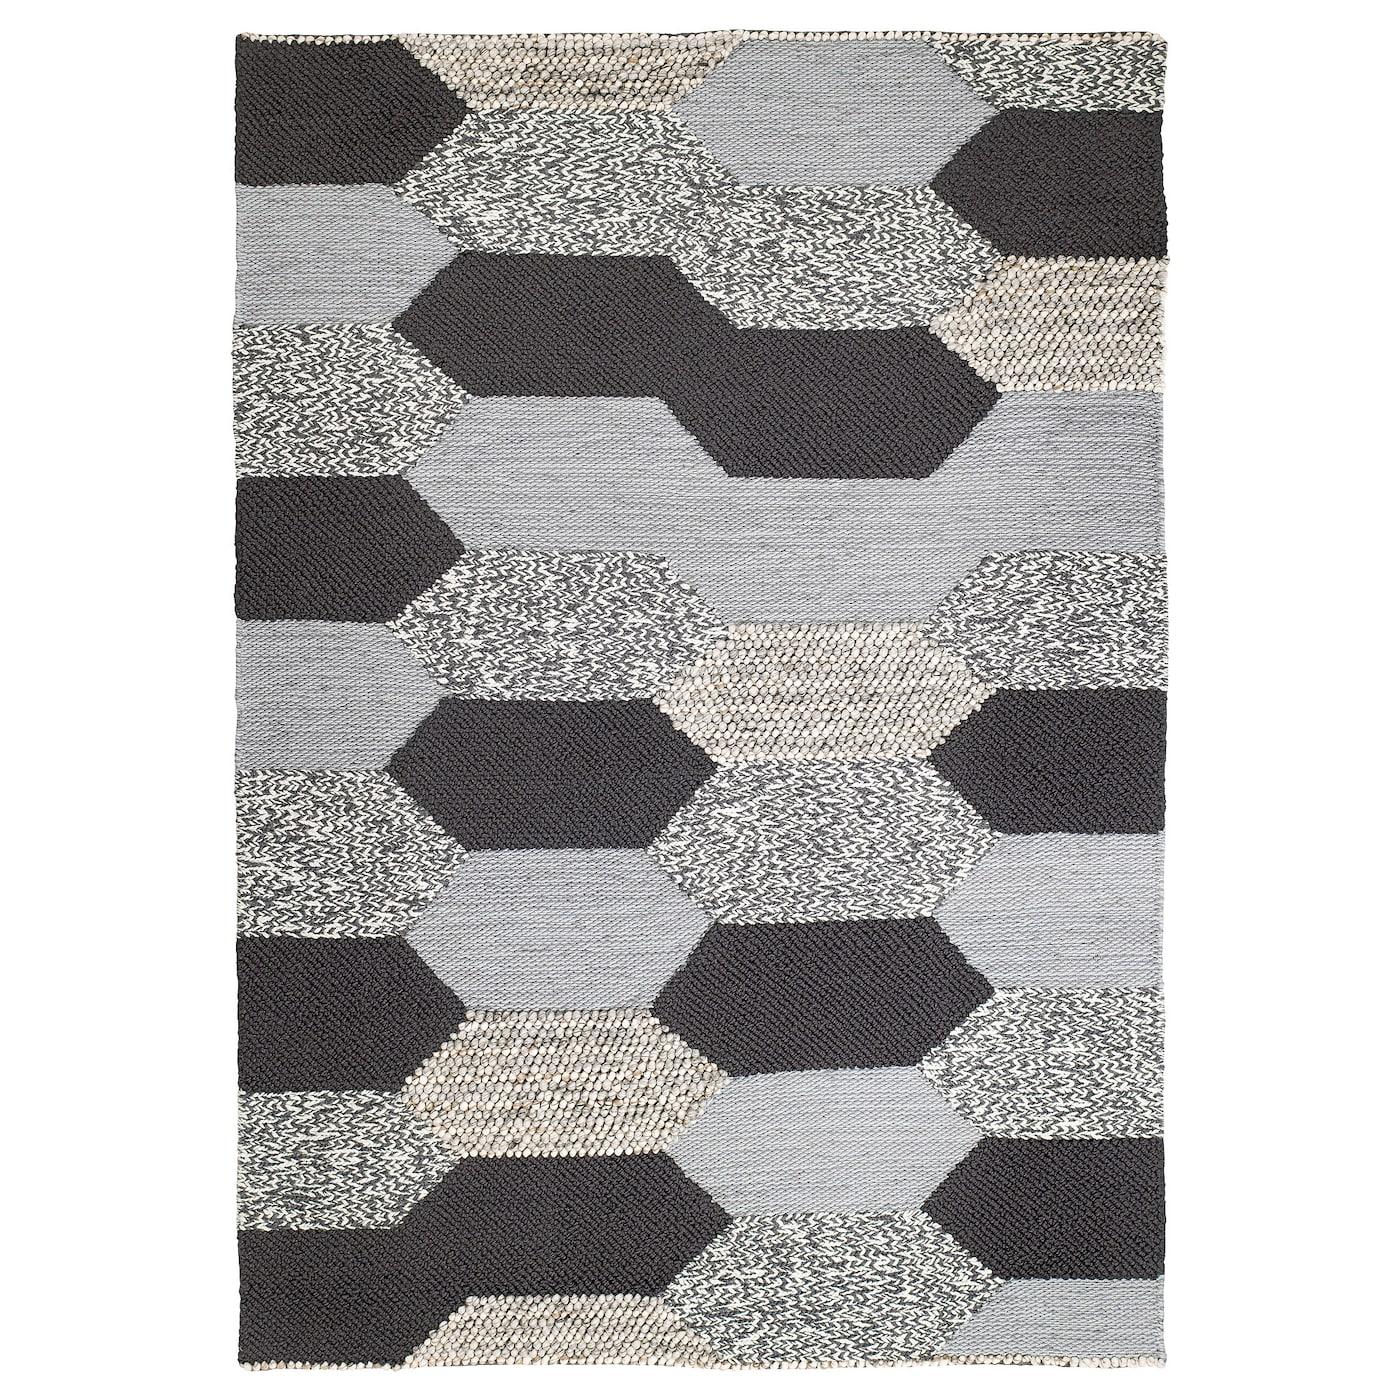 Alfombras medianas y grandes compra online ikea - Ikea catalogo alfombras ...